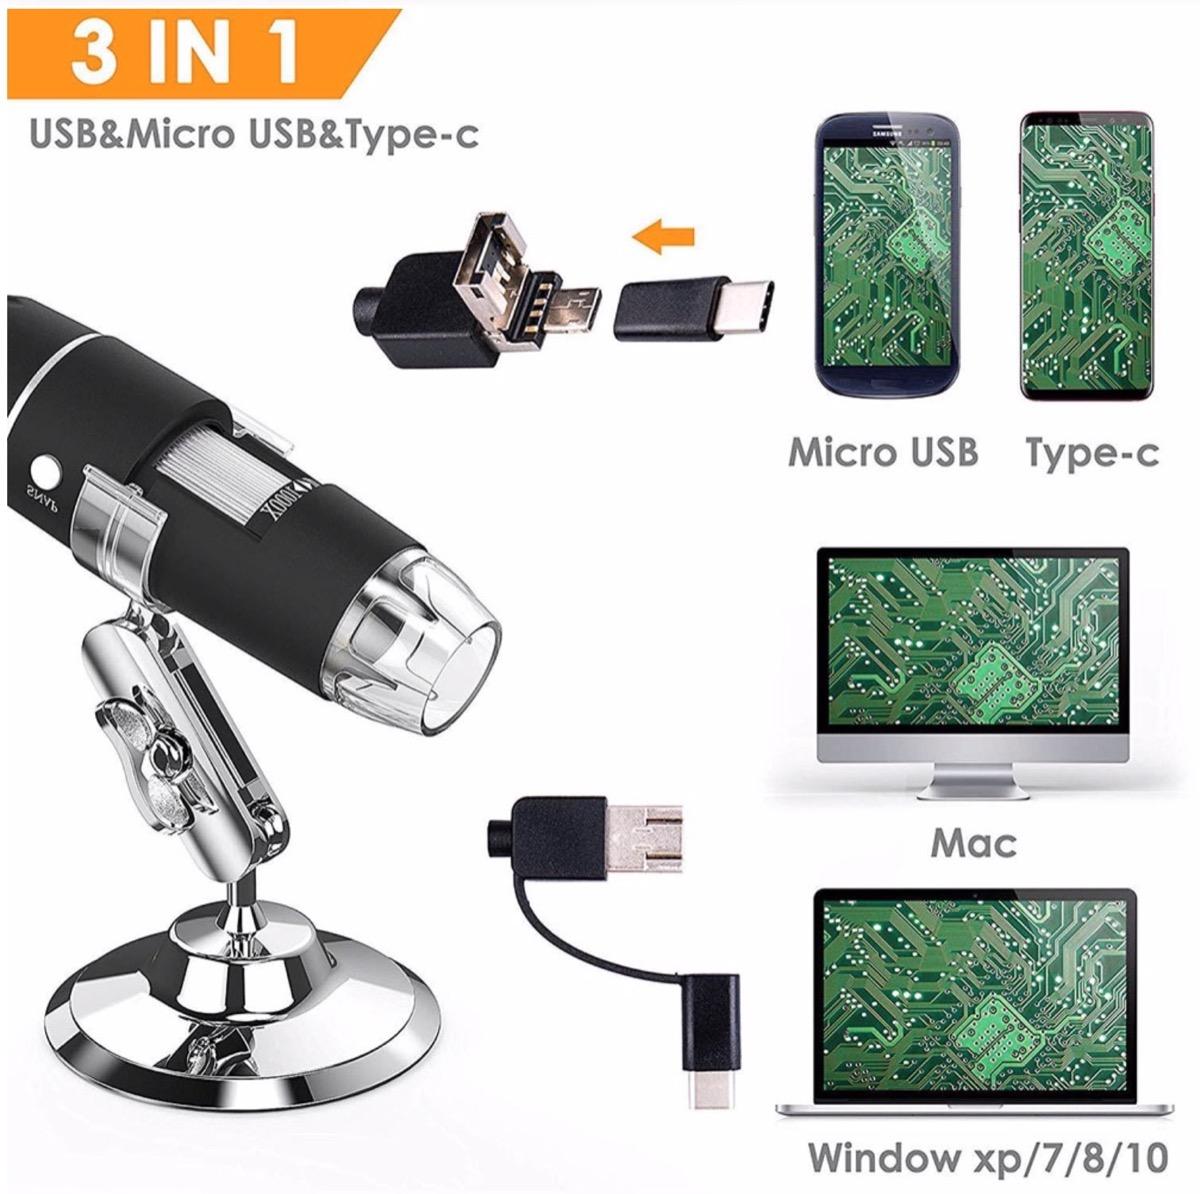 Microscopio 1000x con WiFi in offerta lampo a meno di 60 euro